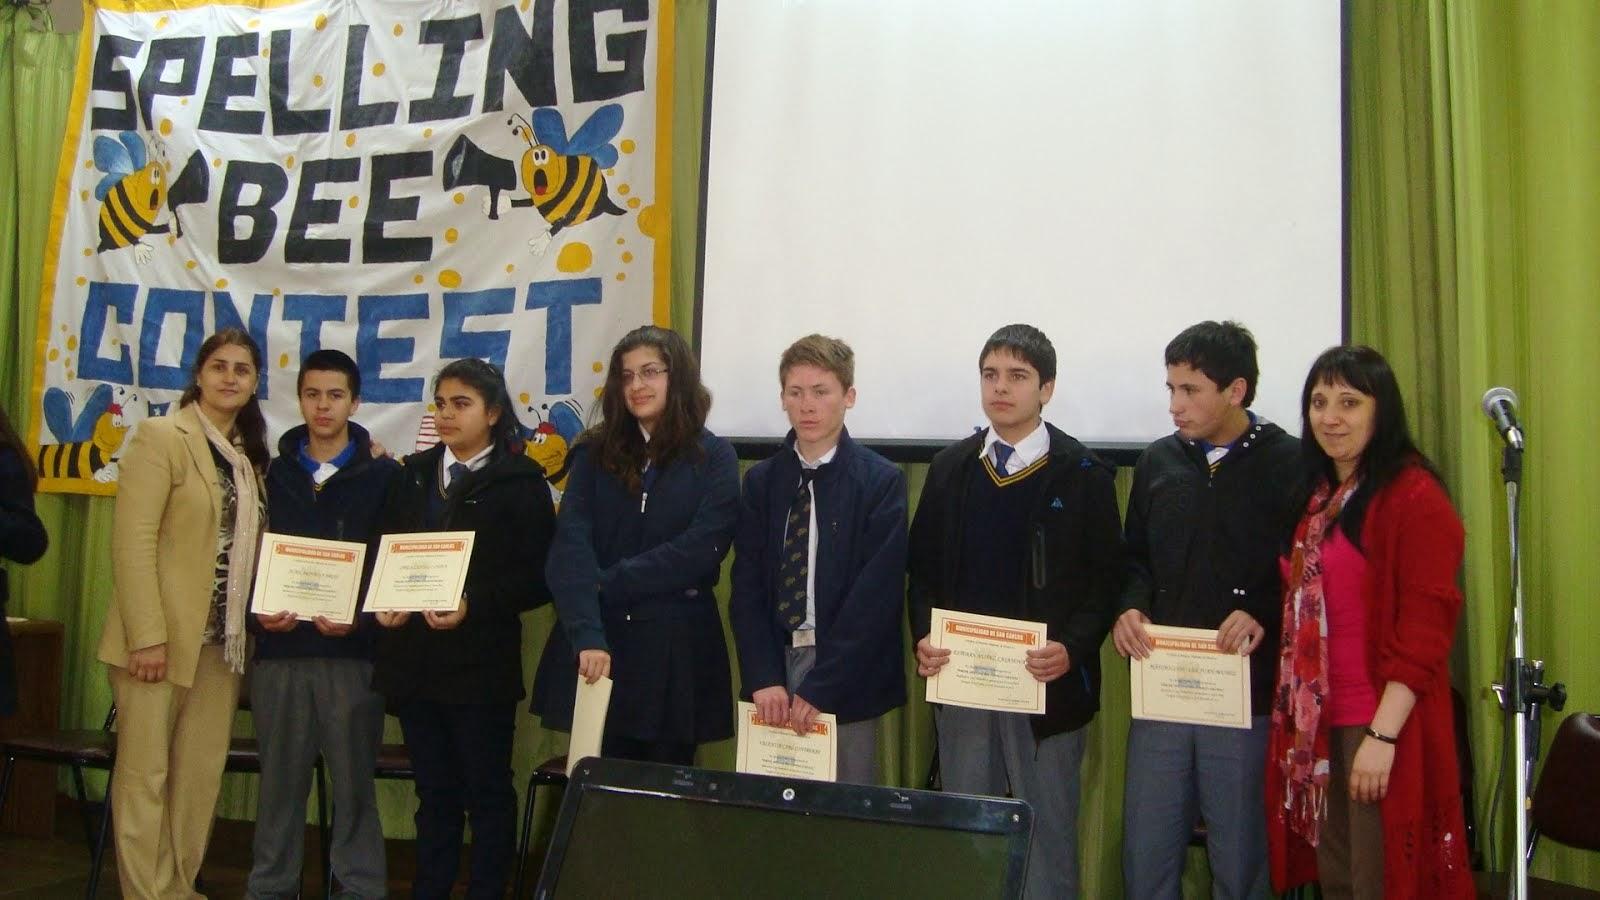 Concurso Comunal de Inglés Spelling Bee Contest